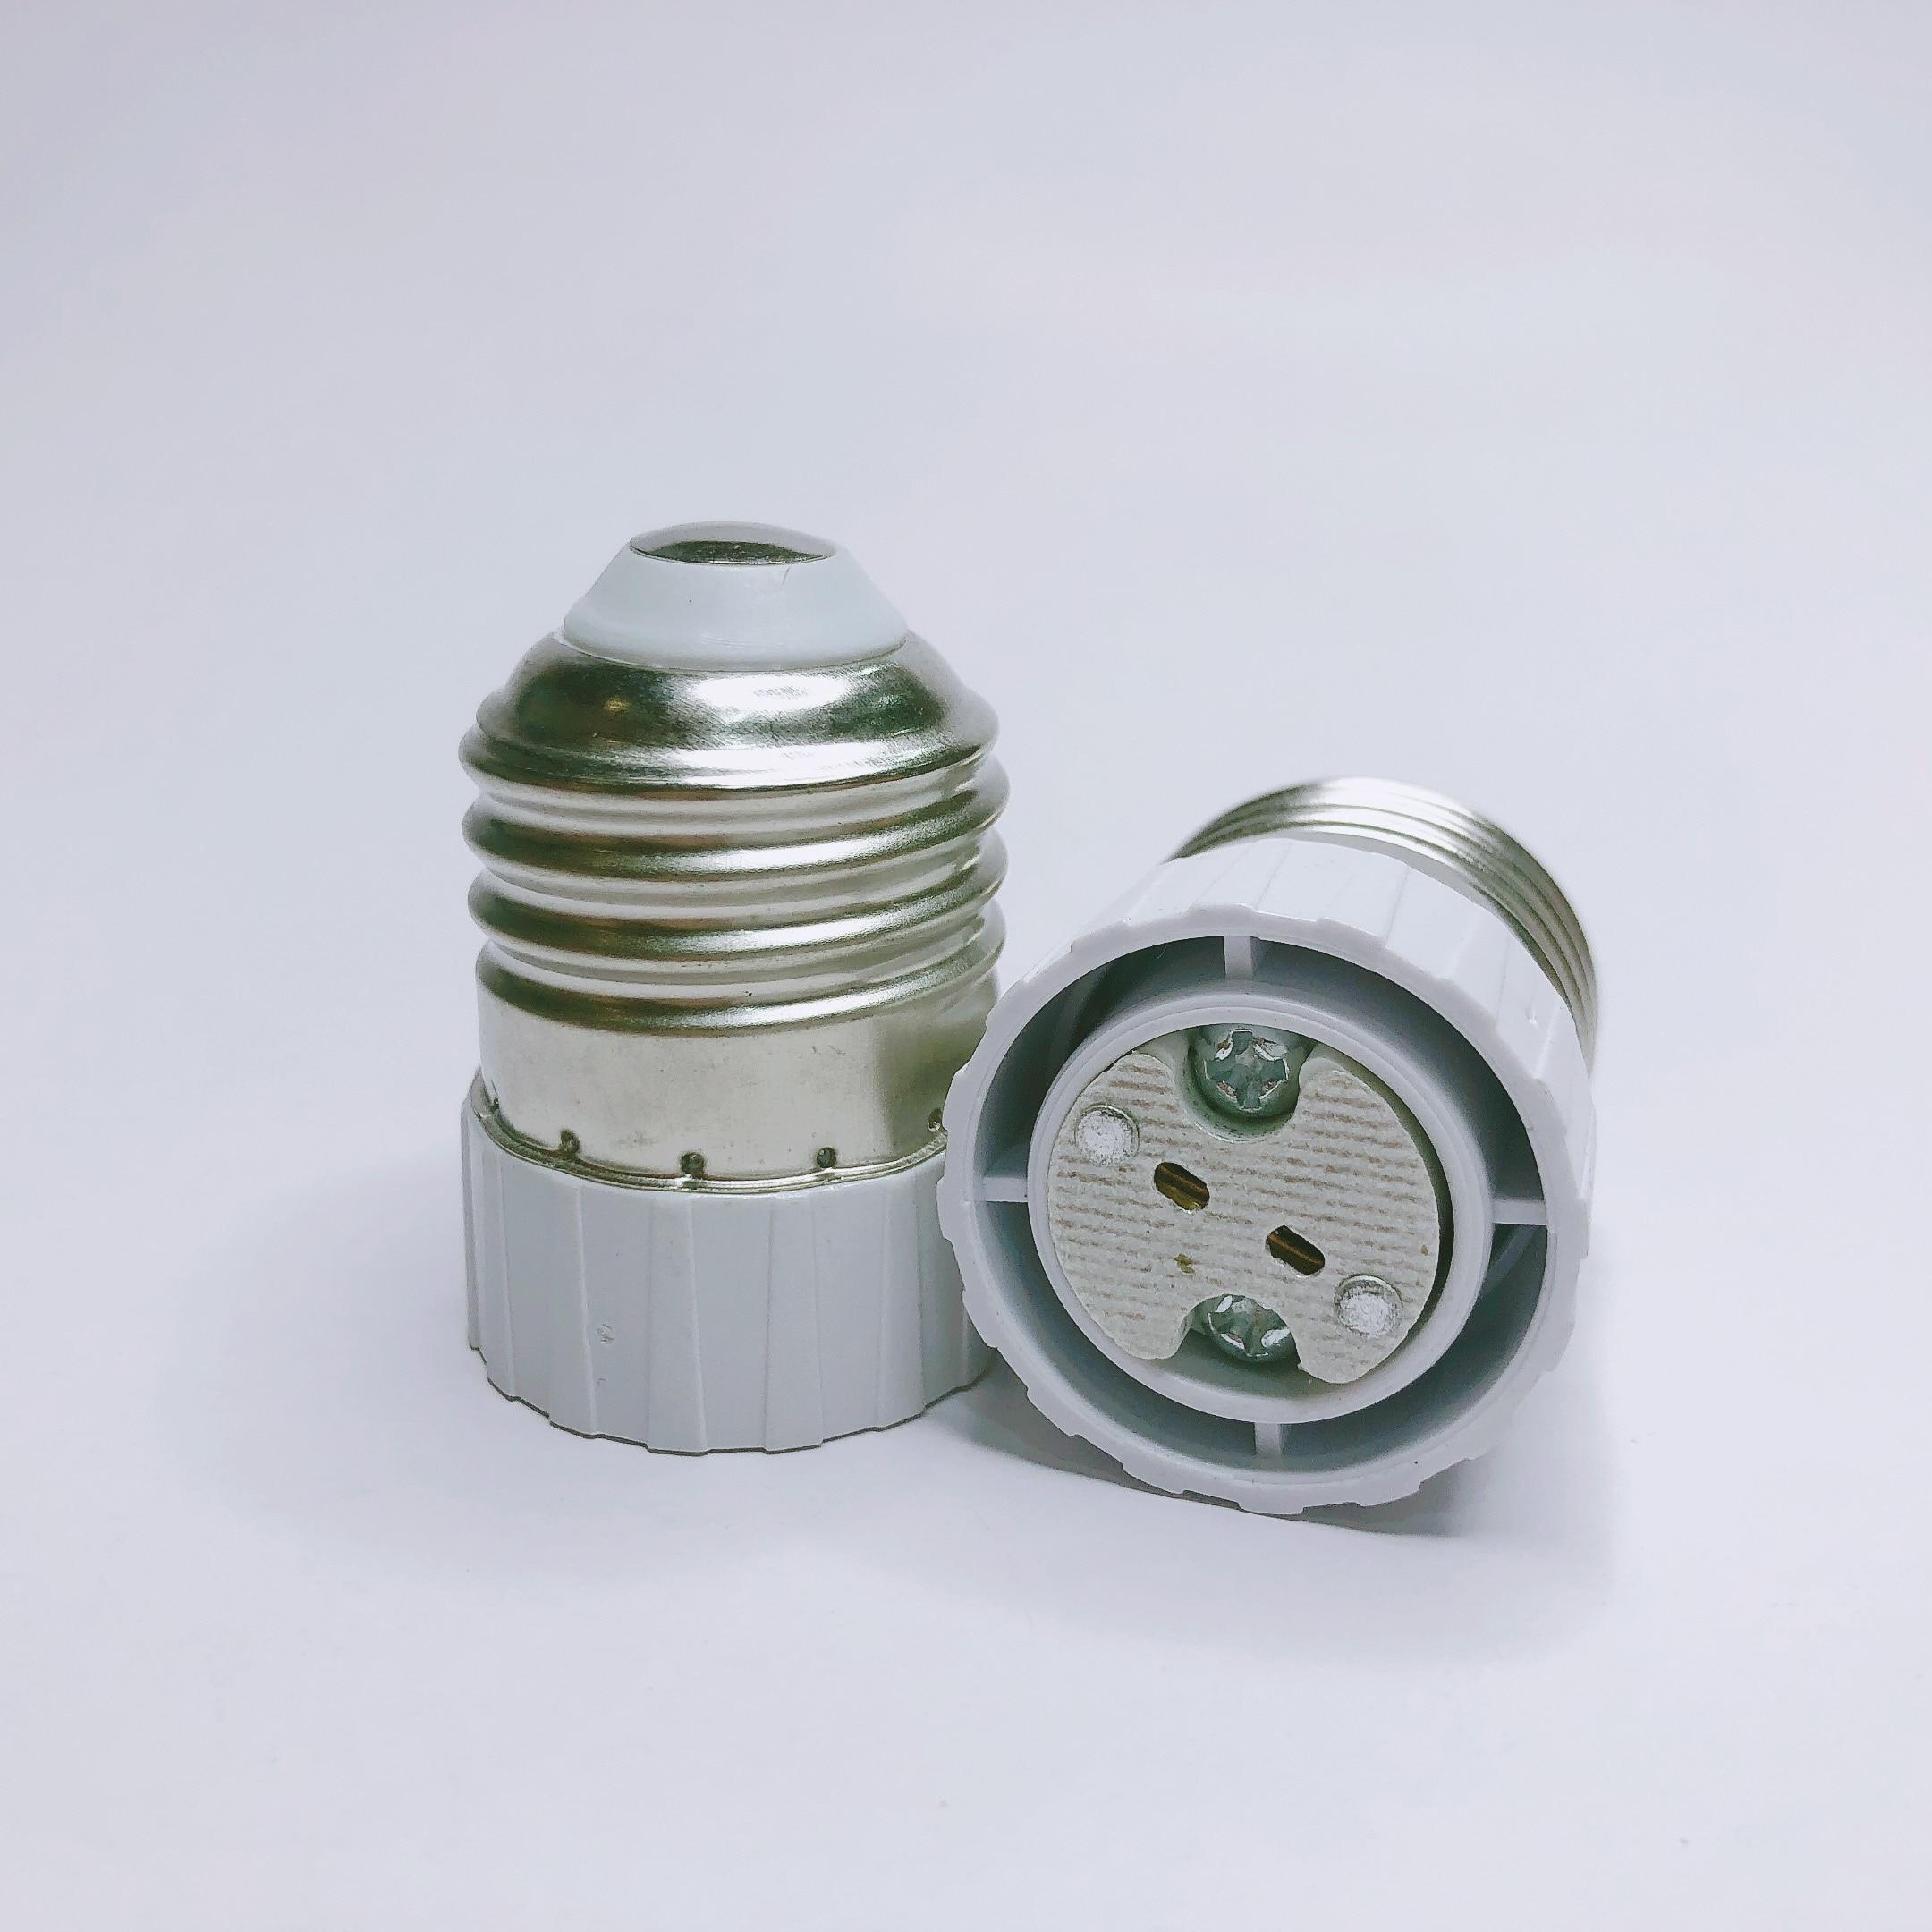 Lamp Holder Adapter Converter E27 to MR16 E27 lamp holder LED Light Lamp Adapter Screw Socket E27 to GU5.3 G4 easy to Install(China)